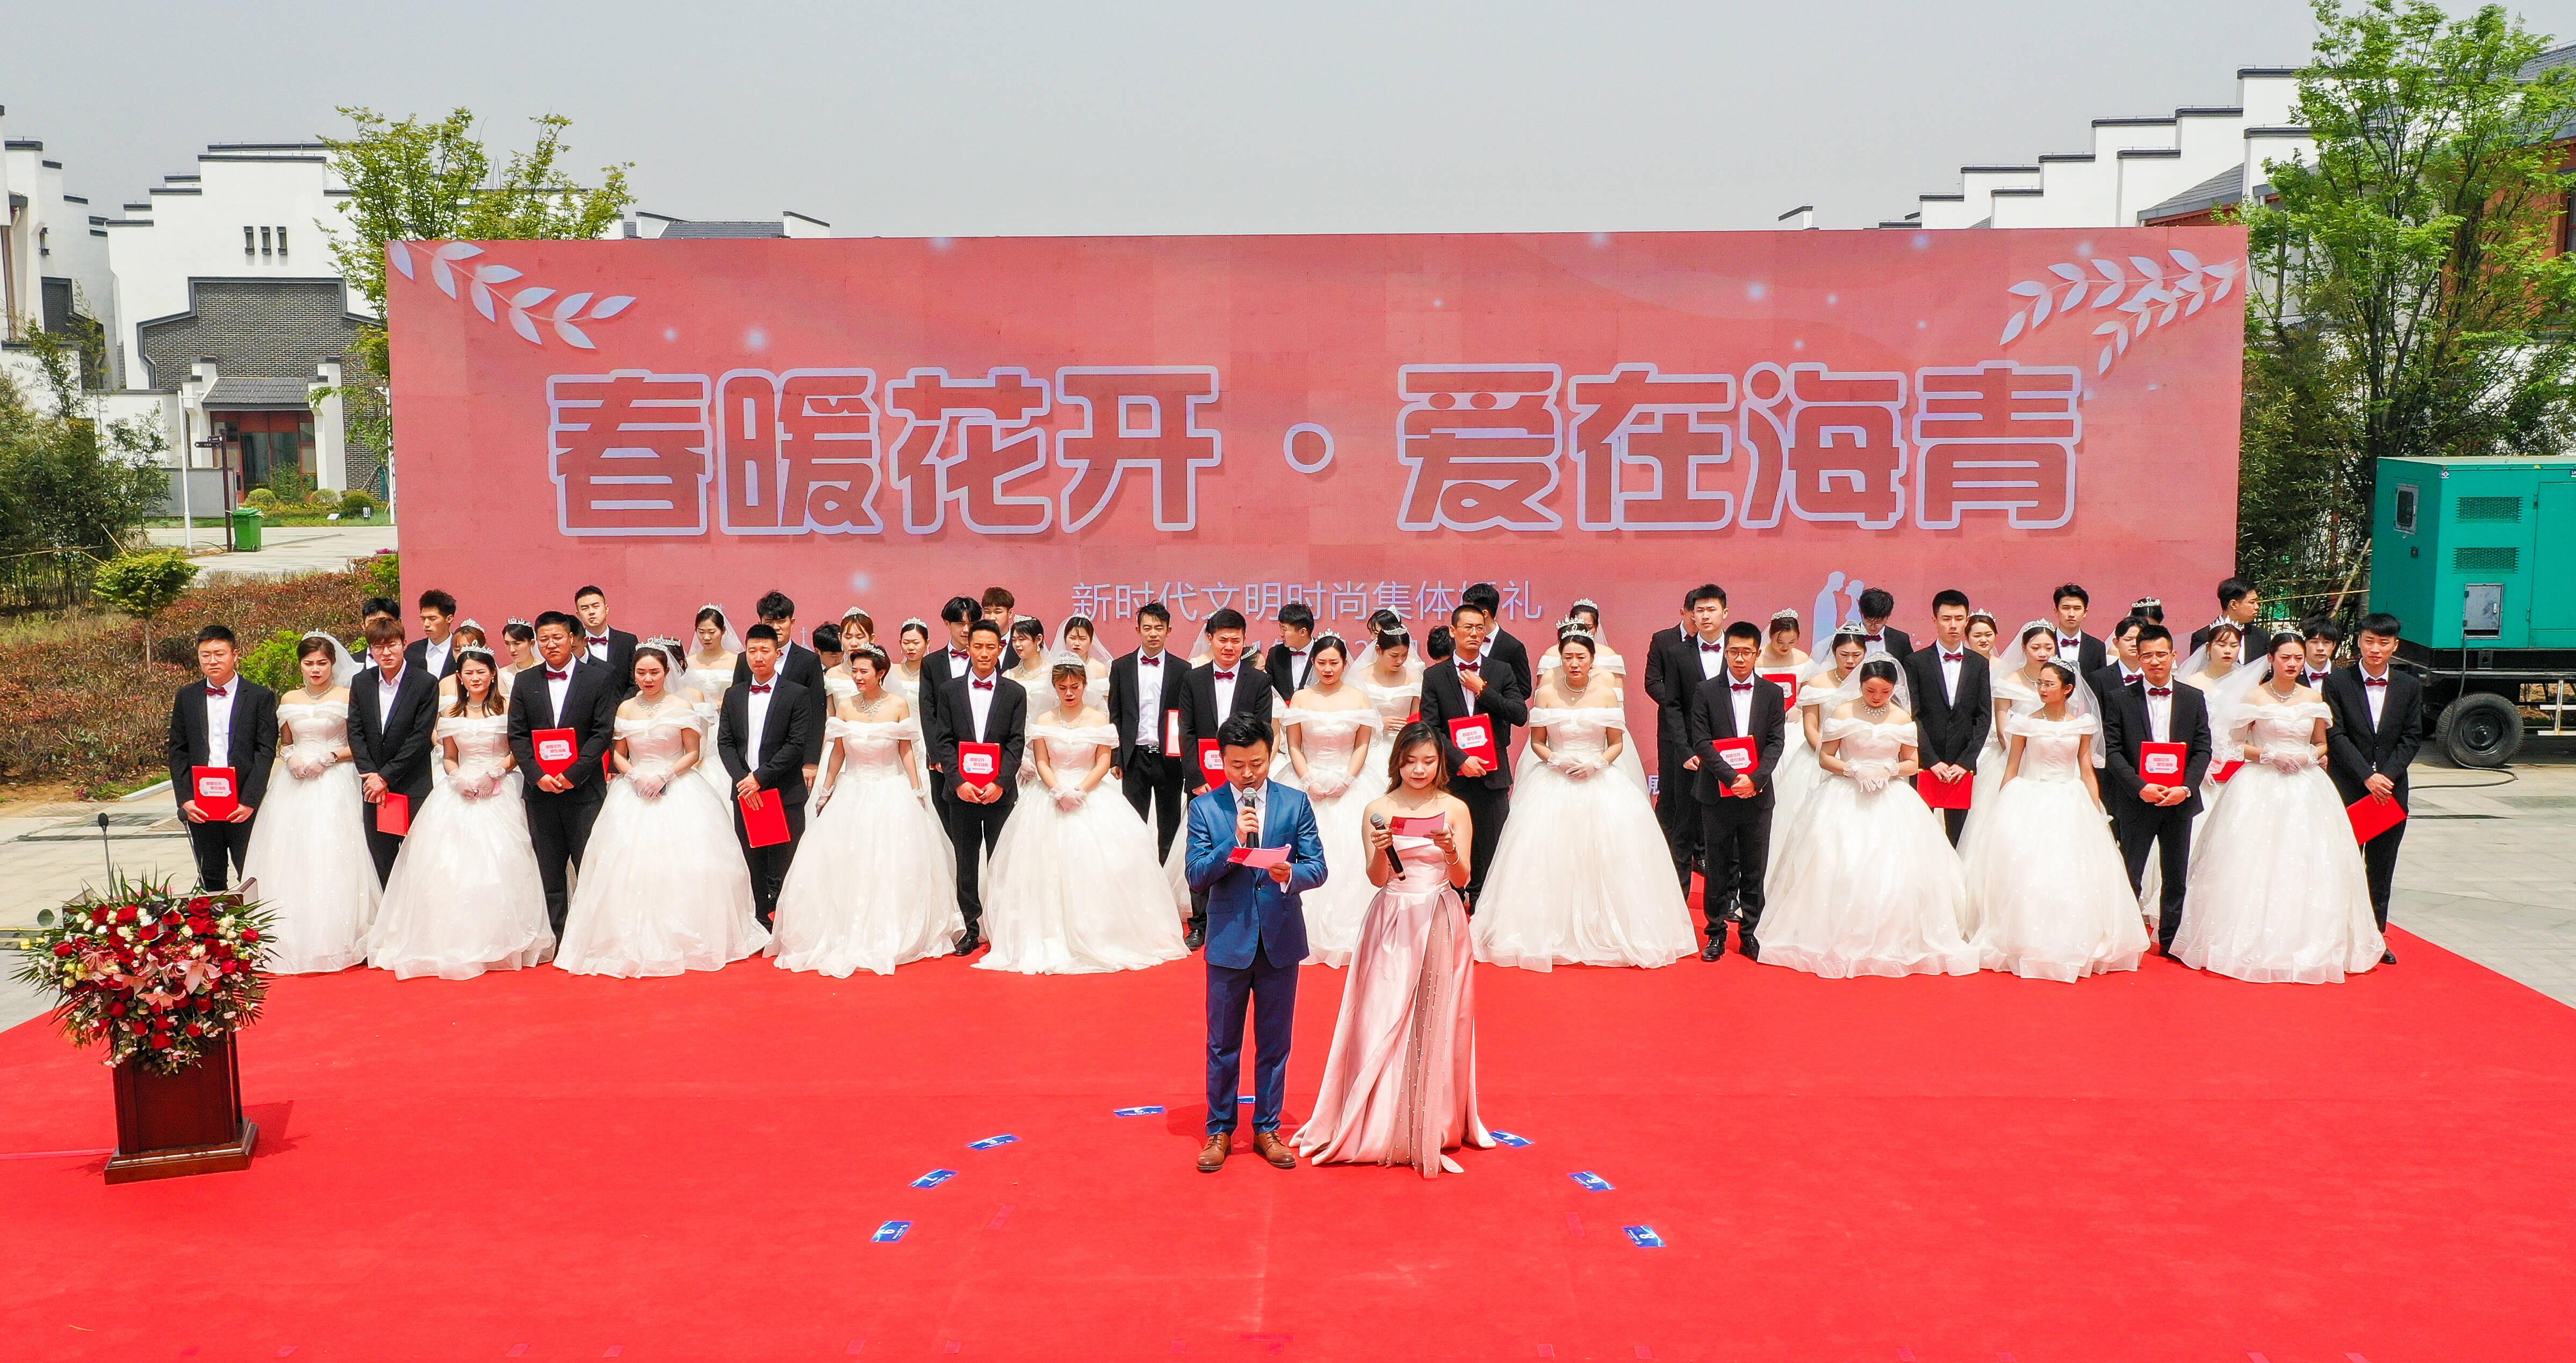 30对新人在新时代文明时尚集体婚礼上喜结连理。